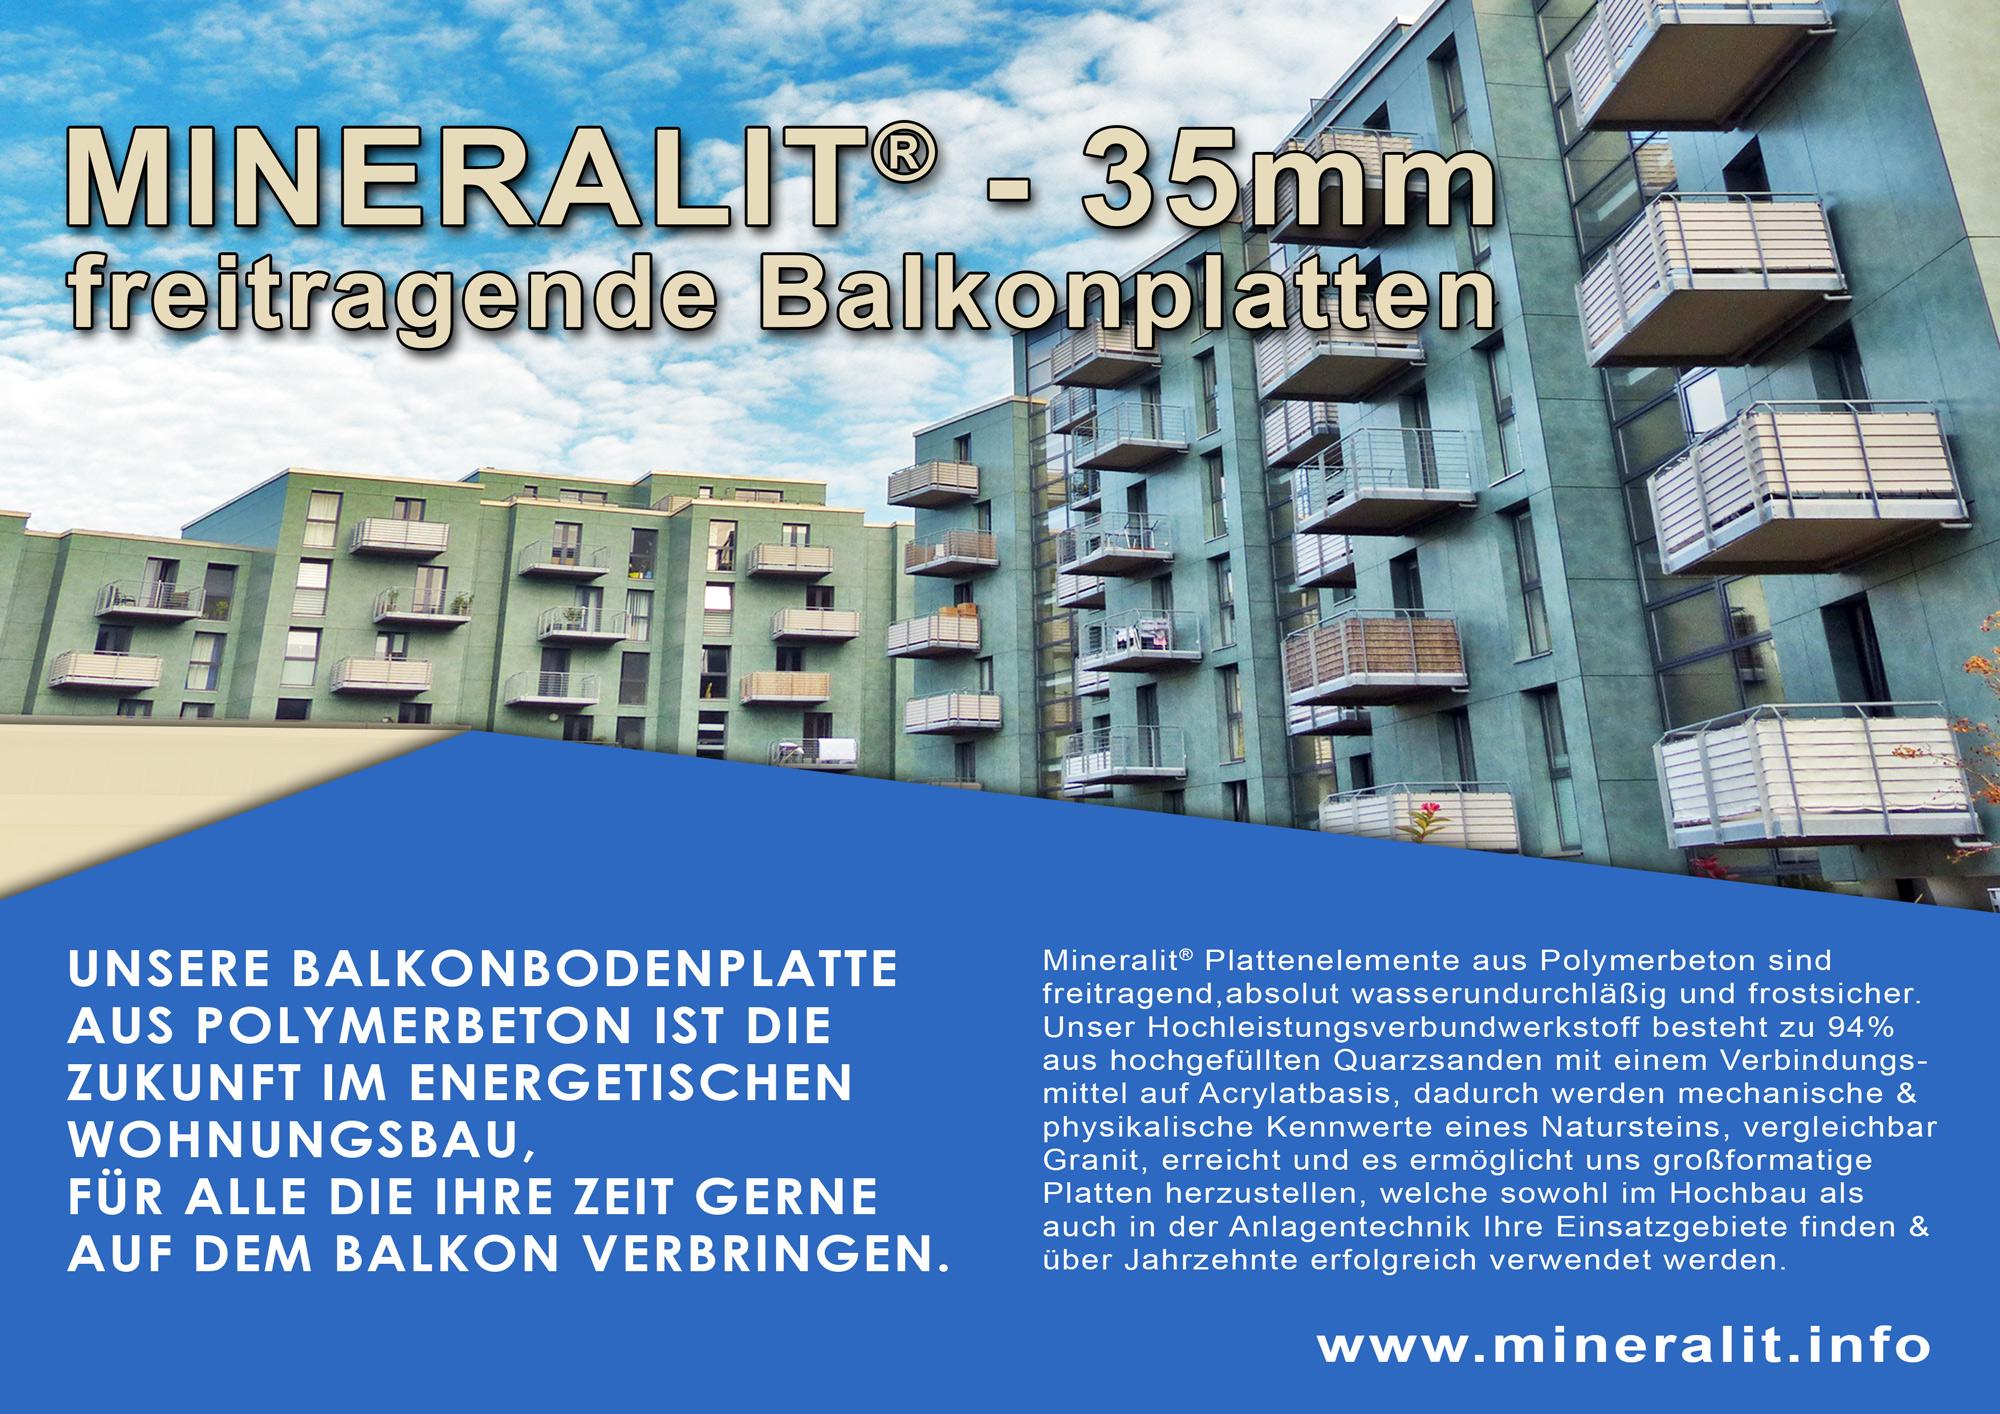 Balkonanlage mit vorgehängten Balkonen und mineralit Balkonbodenplatten